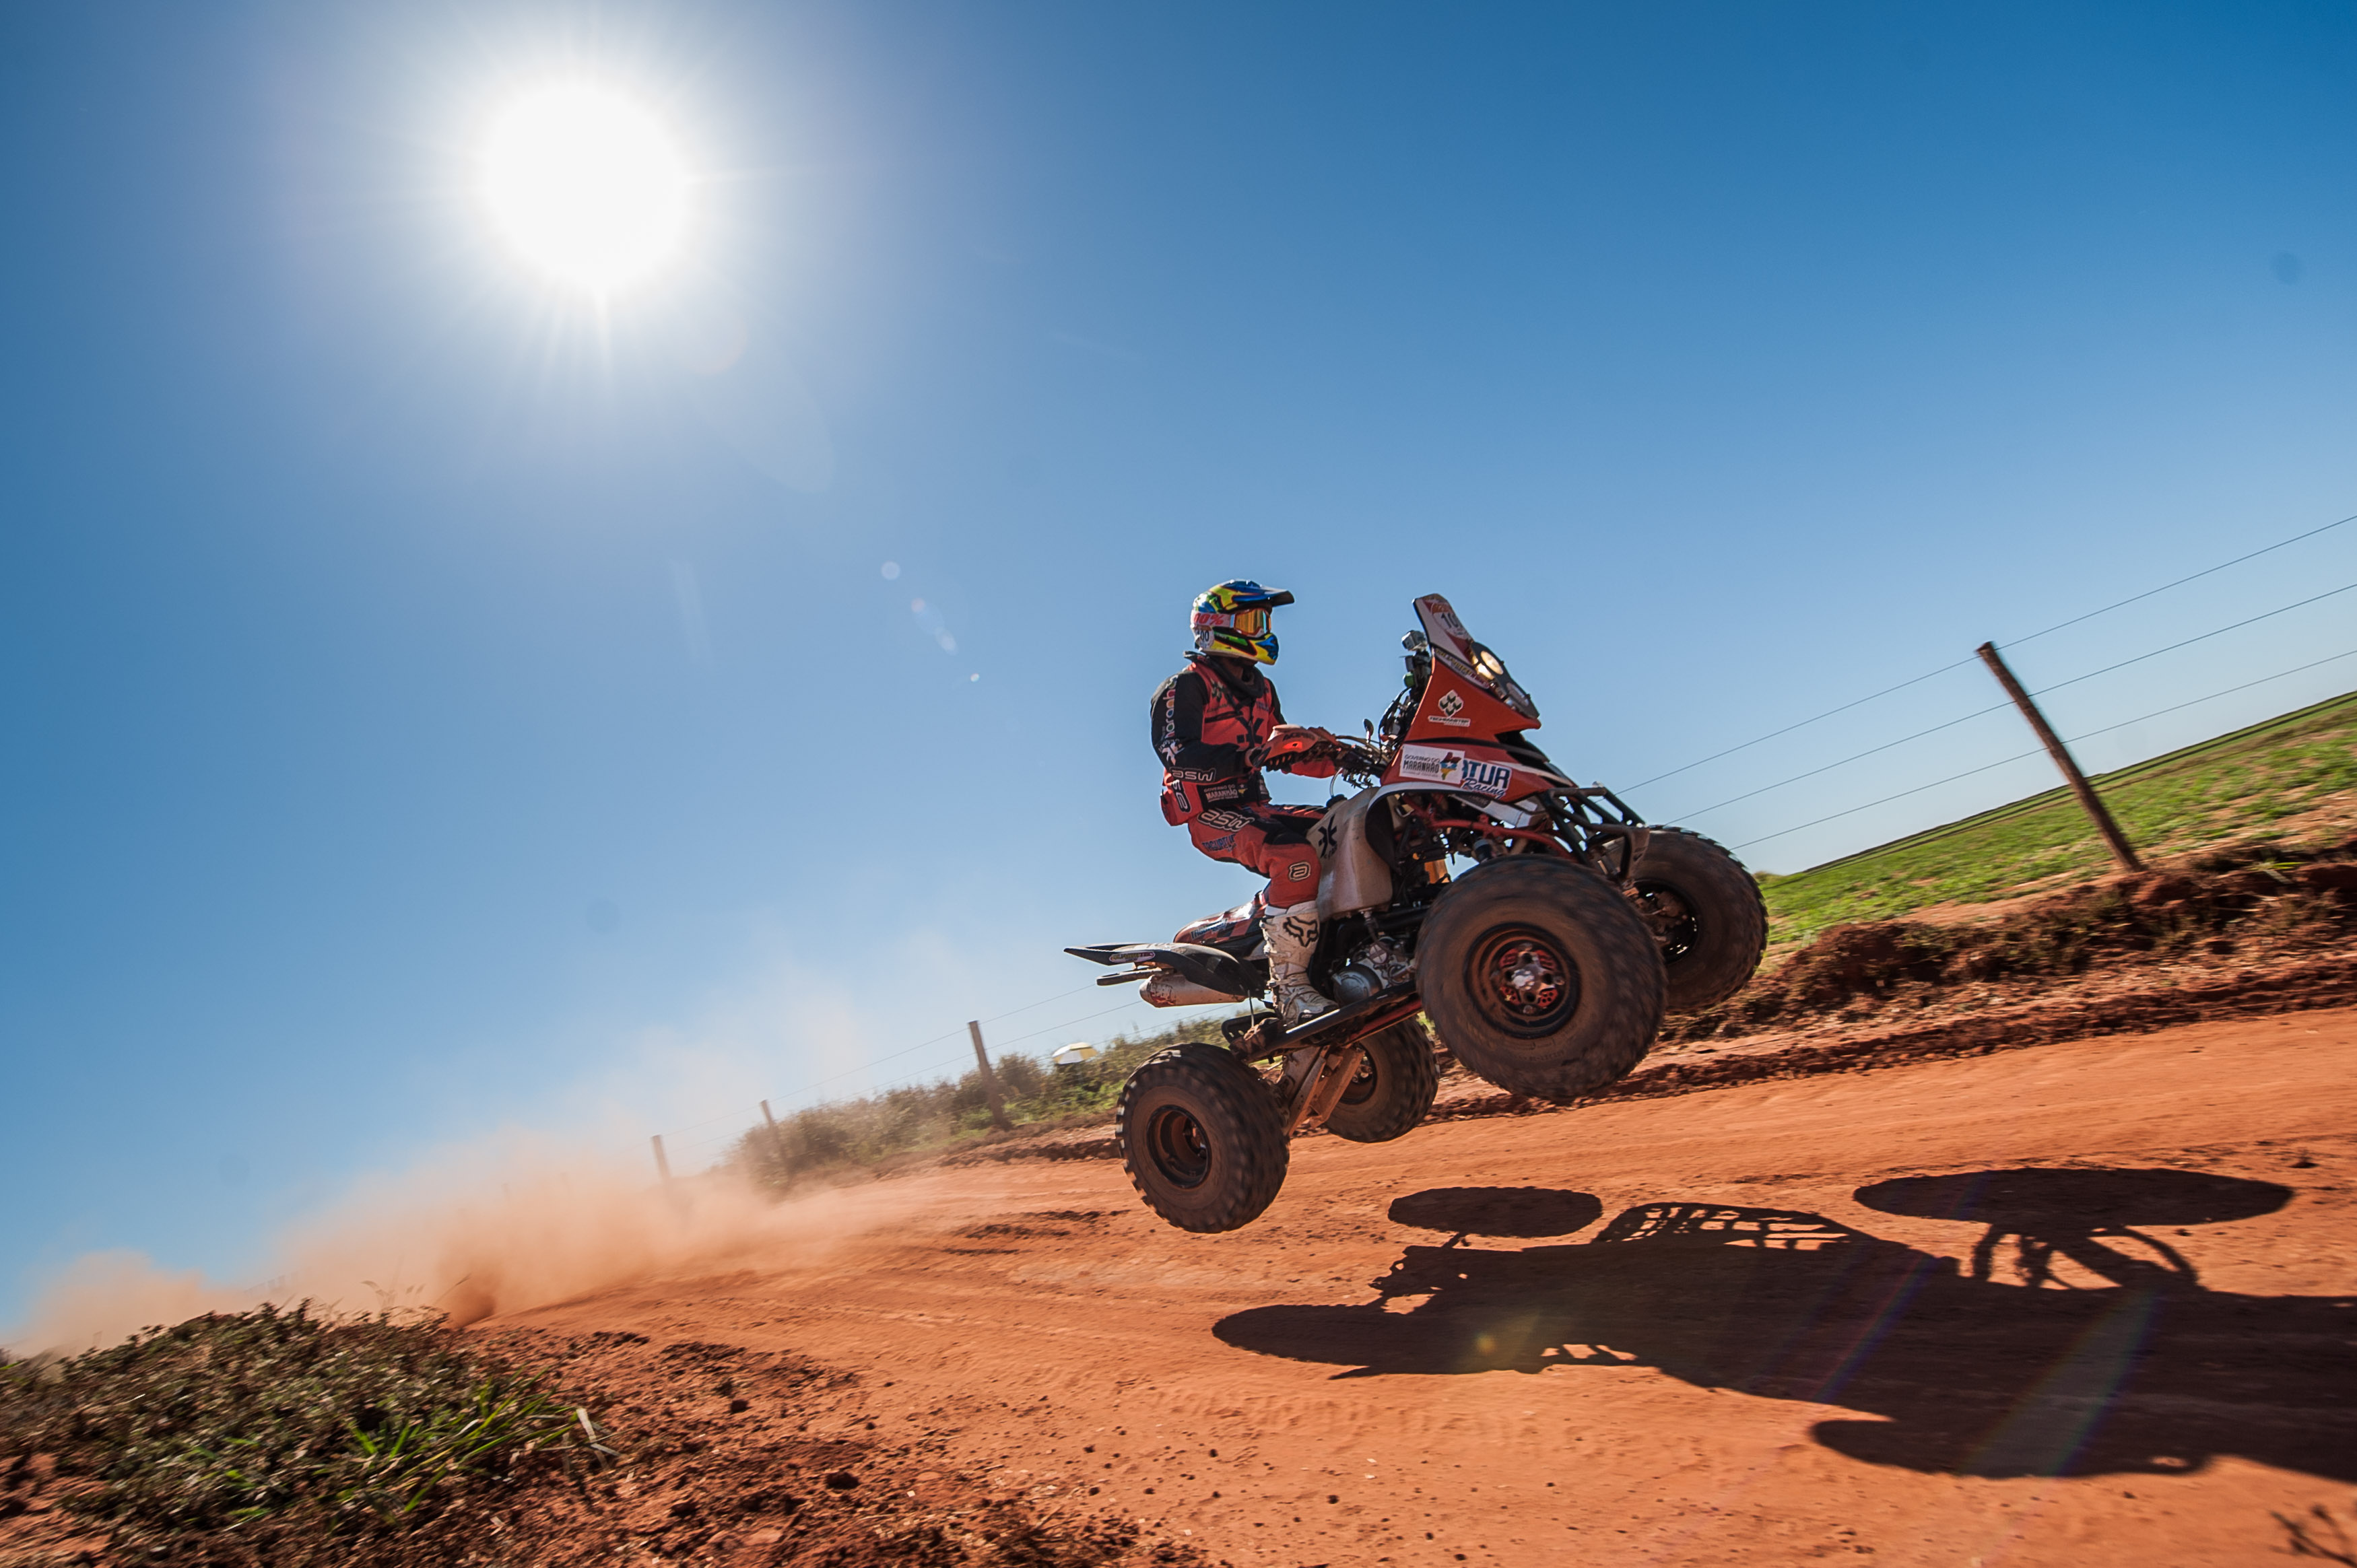 Faltam dois meses para o Rally dos Sertões 2016, uma das maiores provas off-road do mundo